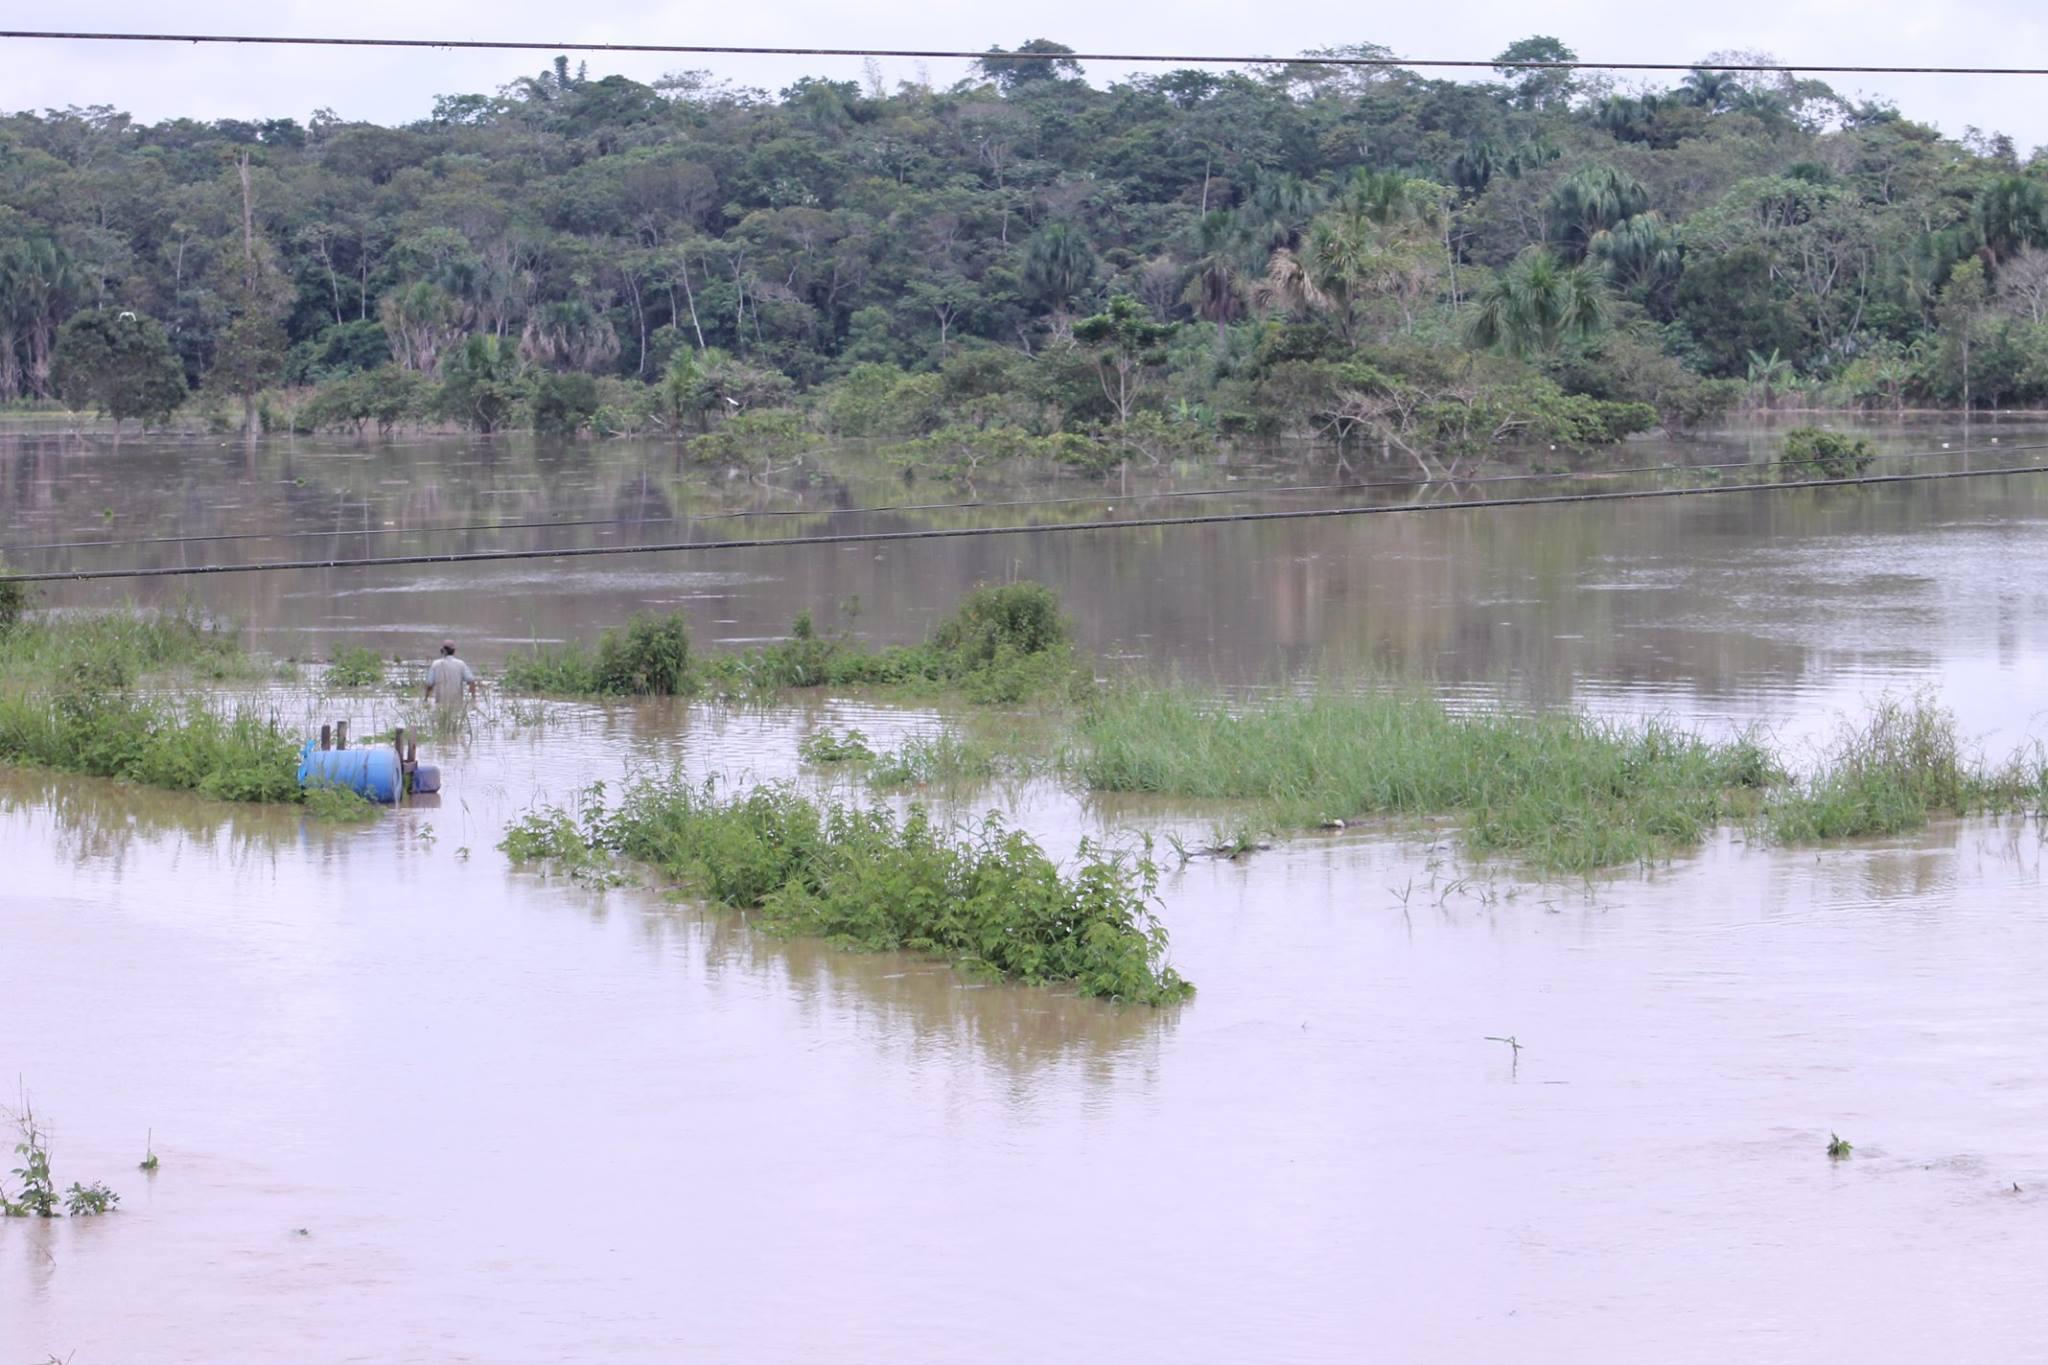 Desborde del rio generó grandes pérdidas materiales. (Richard Ramos/Perú21)